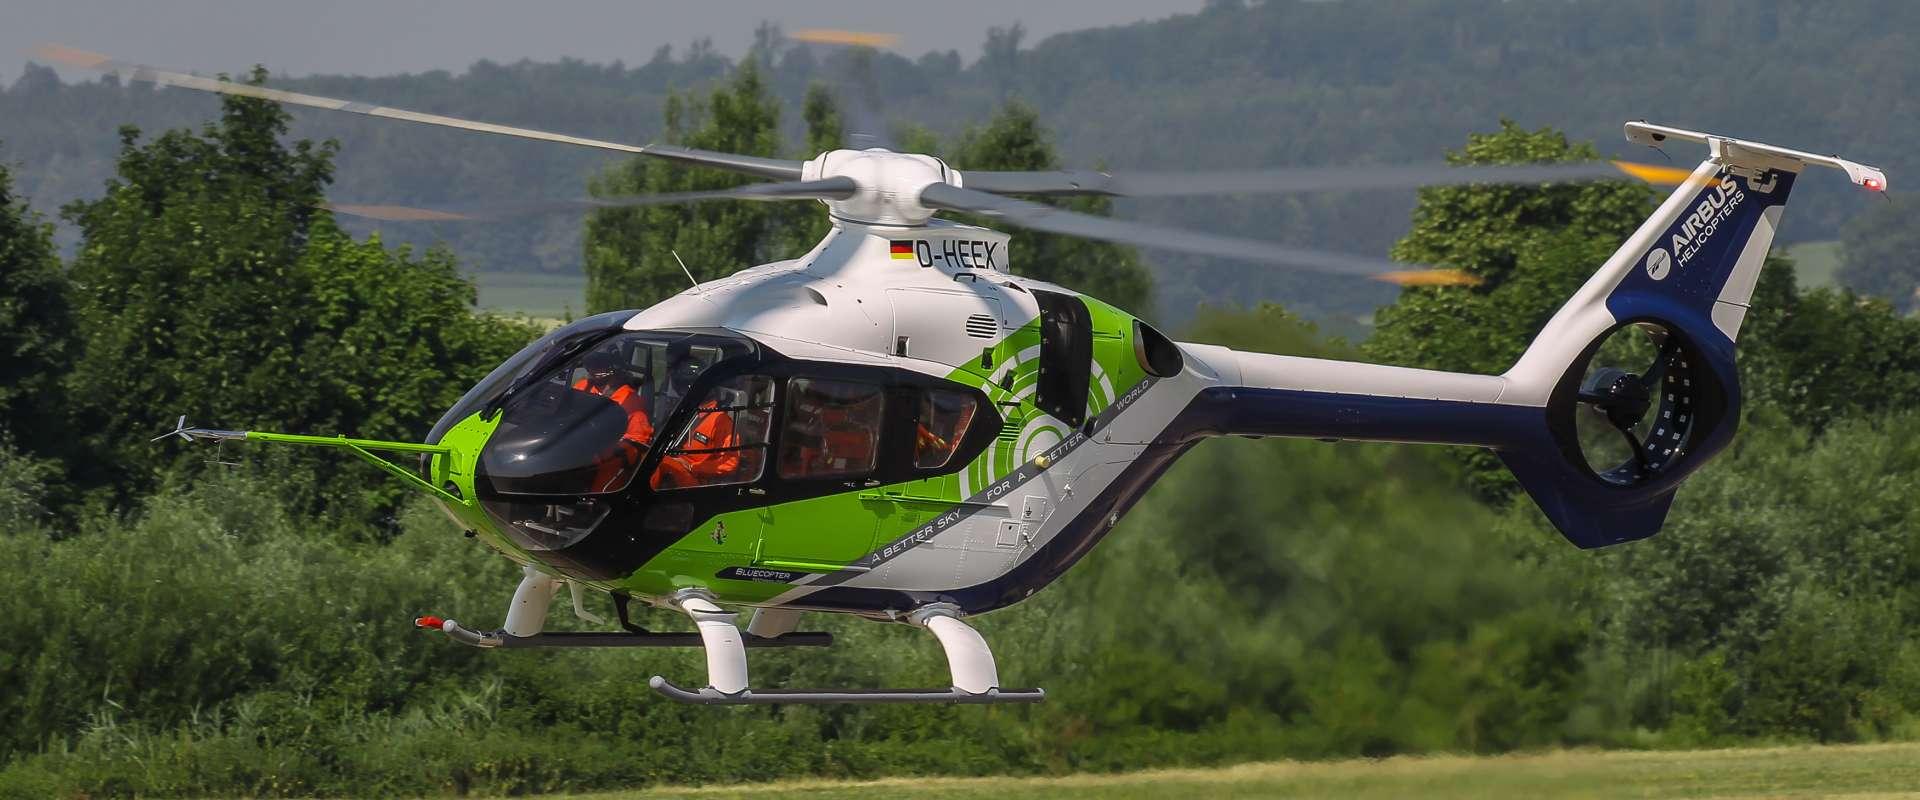 Airbus Helicopters dévoile son laboratoire volant, le Bluecopter – L'Usine de l'Aéro